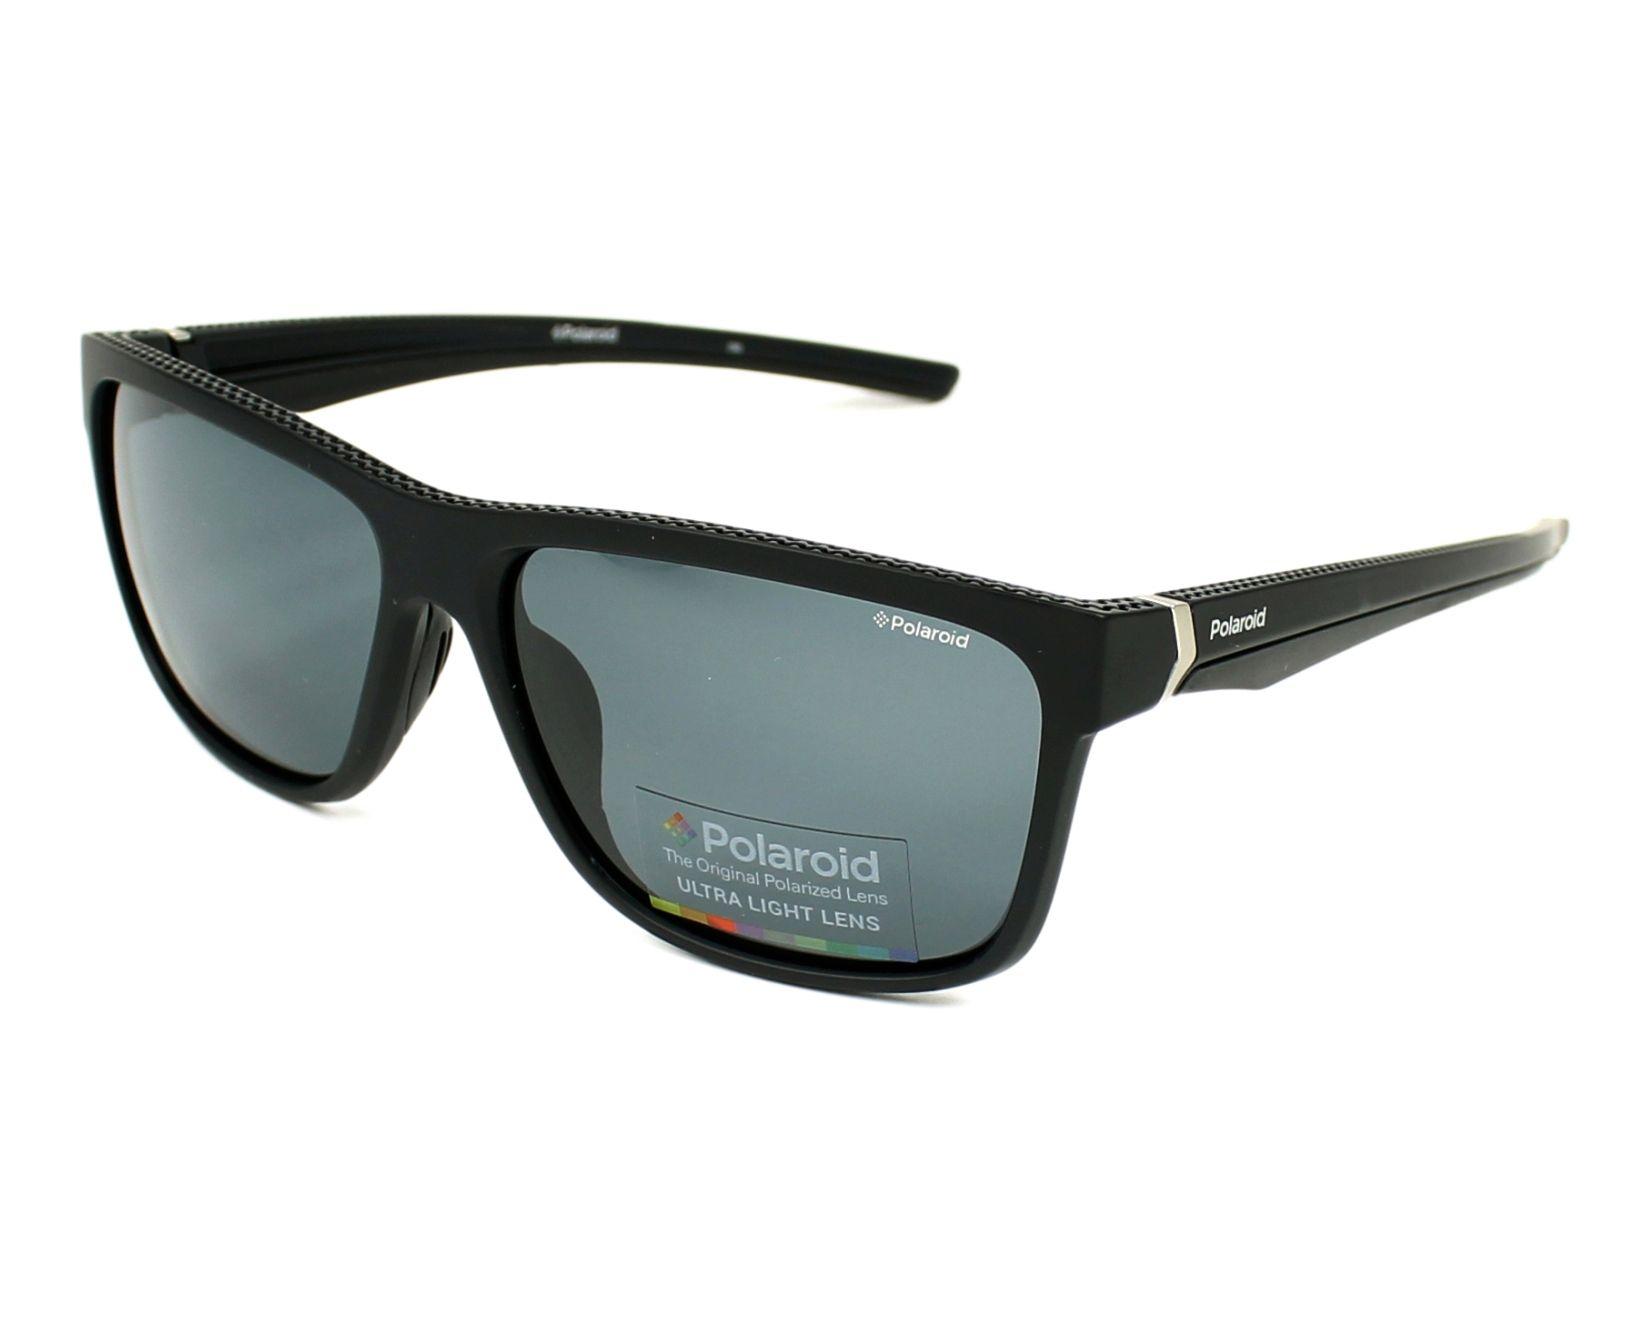 Polaroid Pld Sunglasses 807m9 7014 S xxq5CwTrH